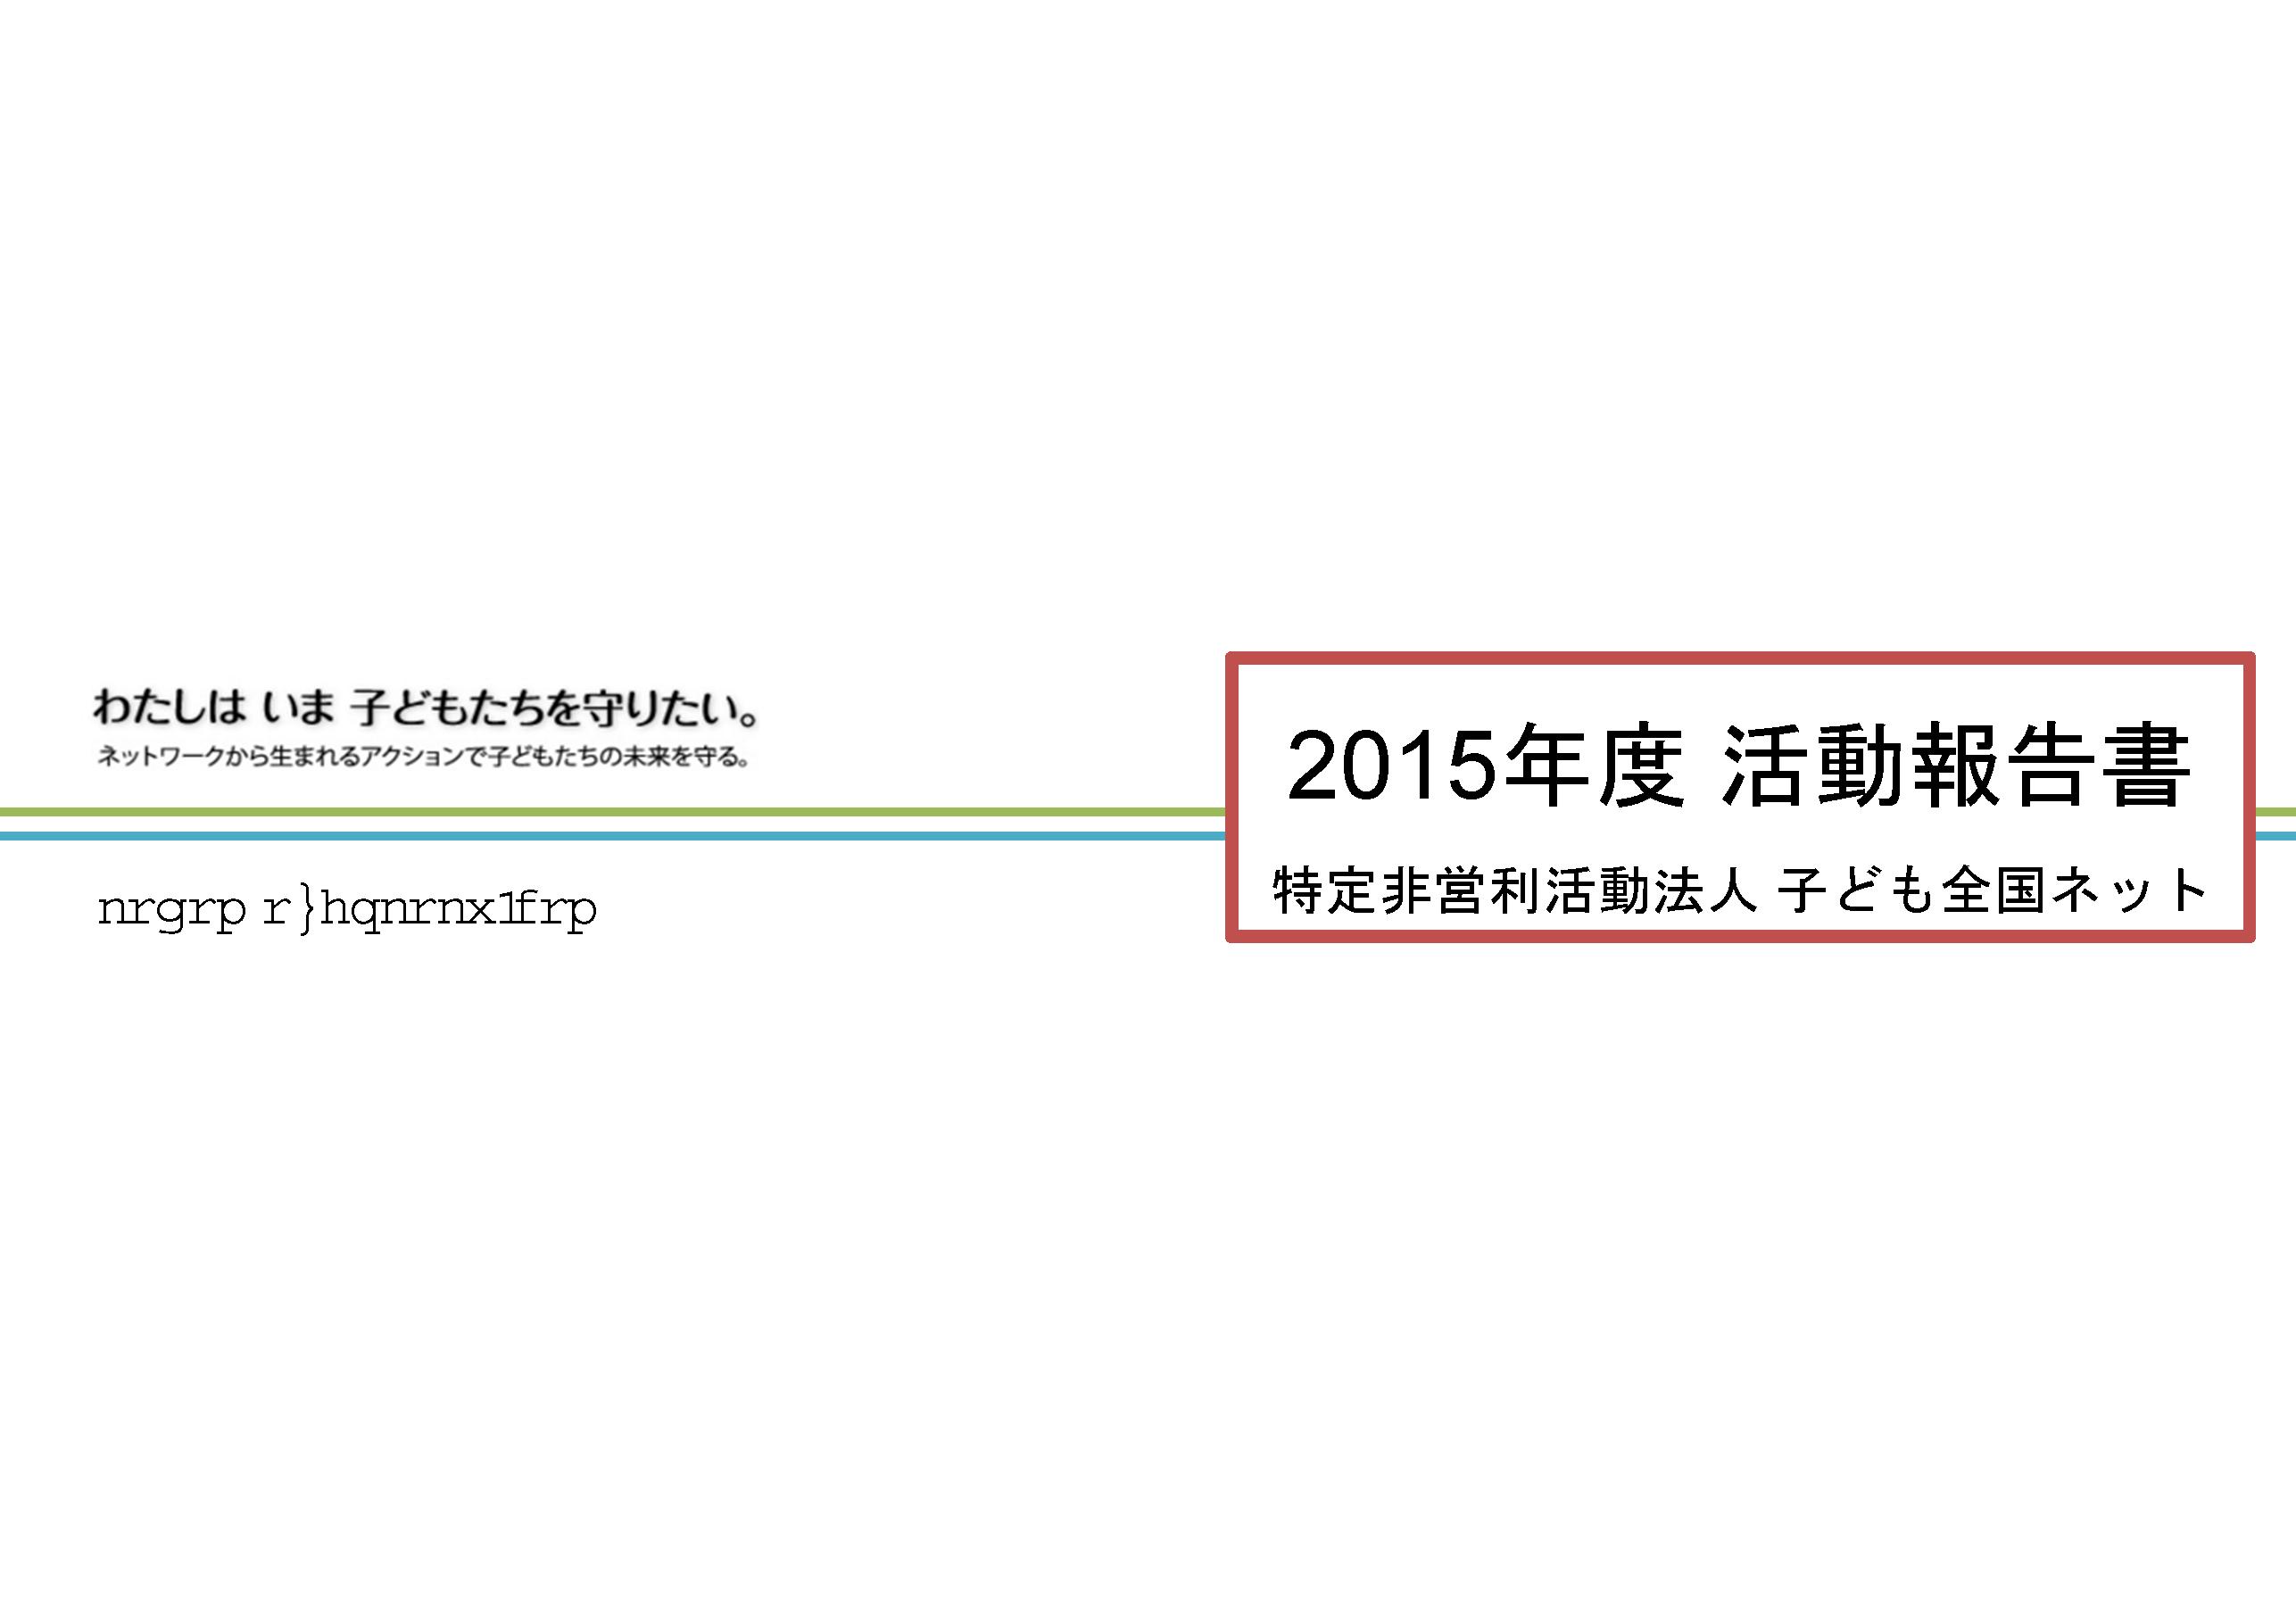 2015年度活動報告(子ども全国ネット)_ページ_1